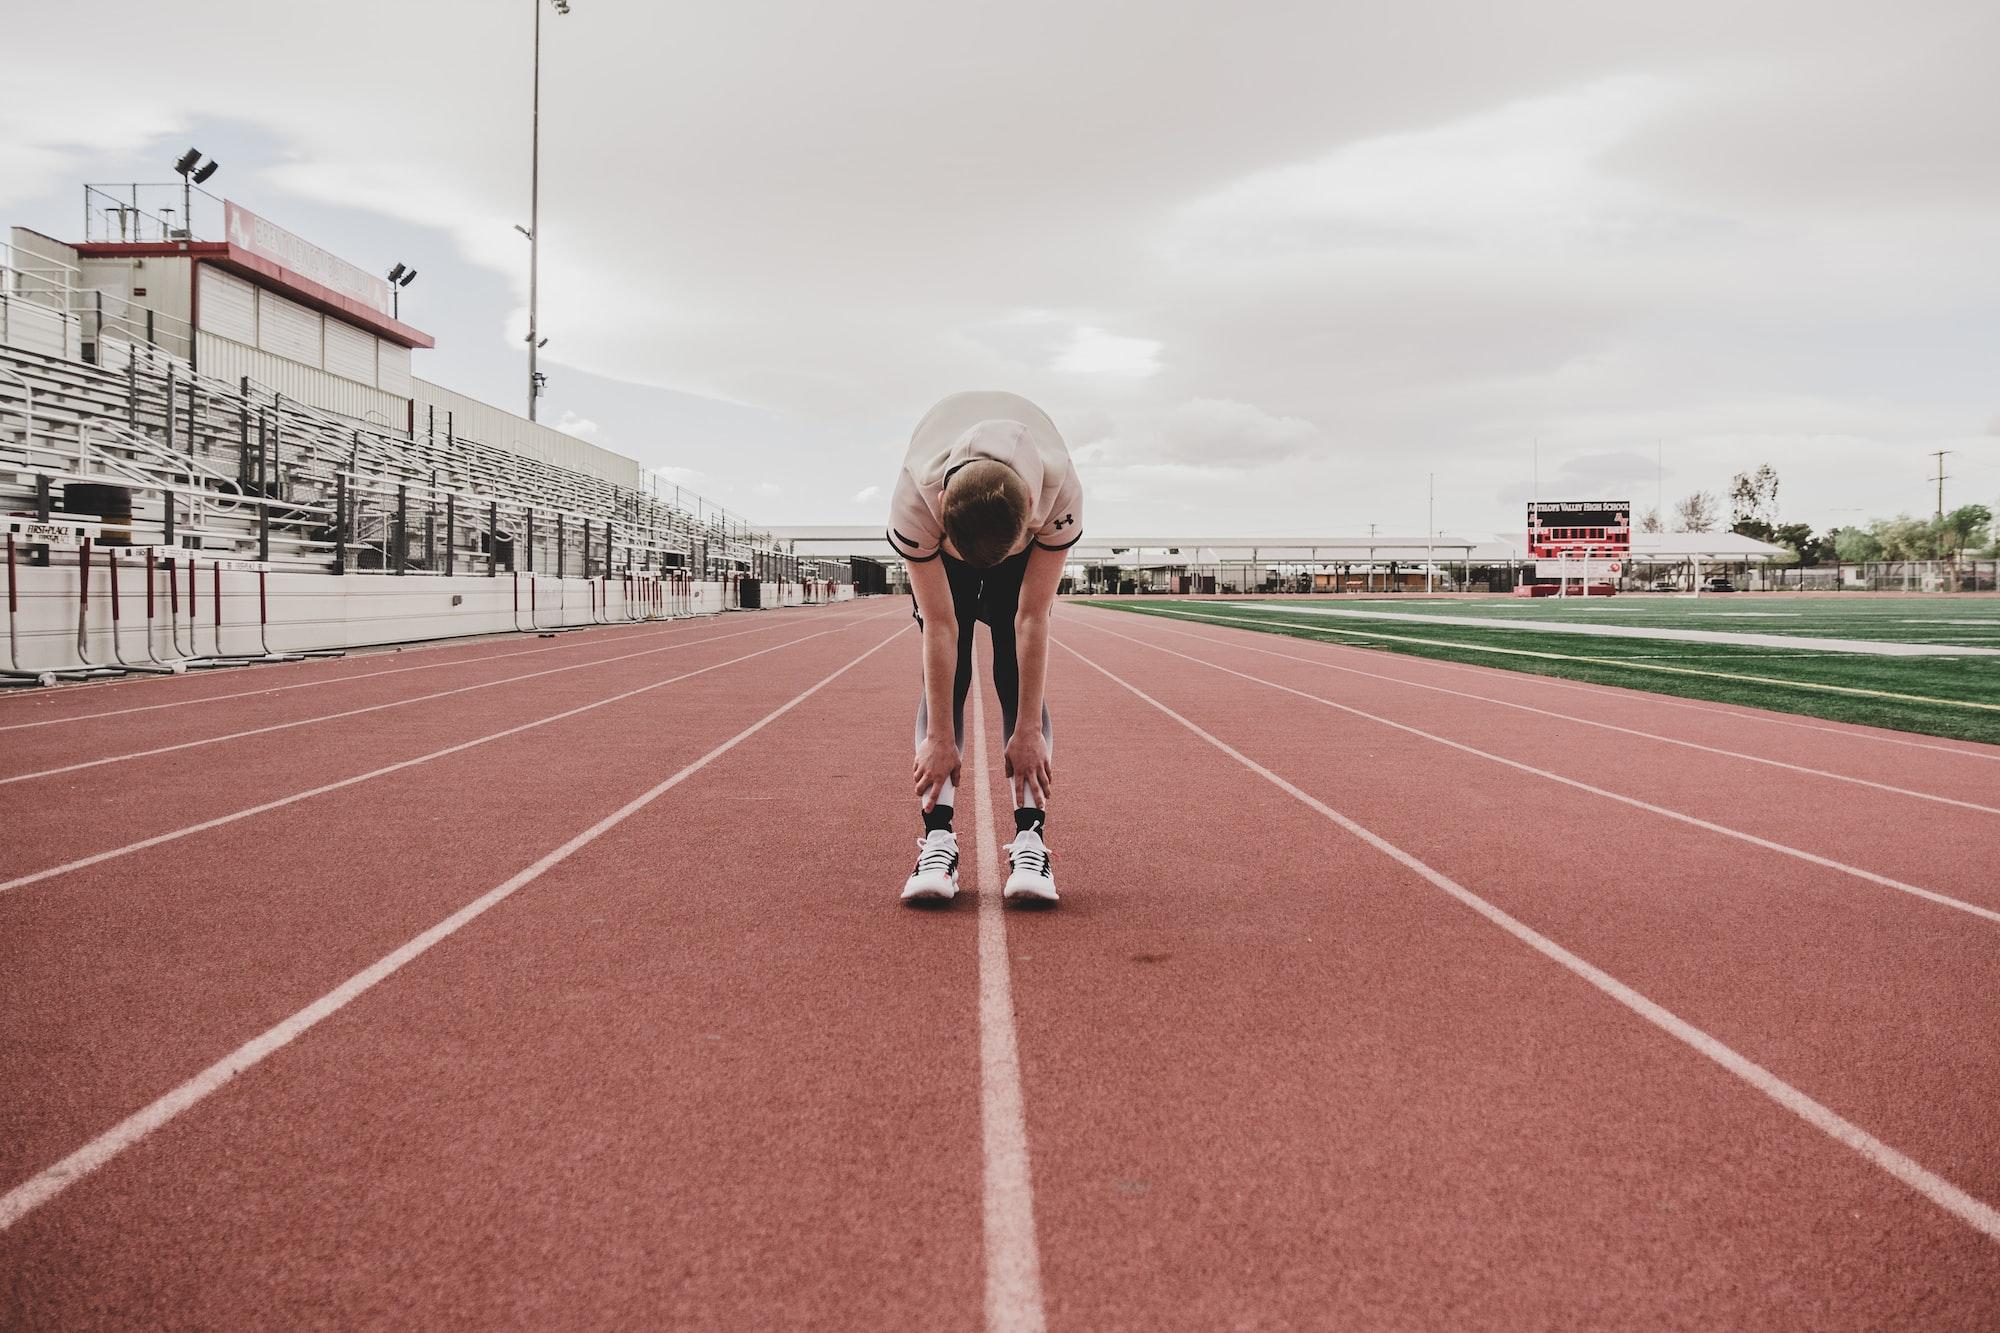 Atleta sozinho alongando em uma pista de atletismo.